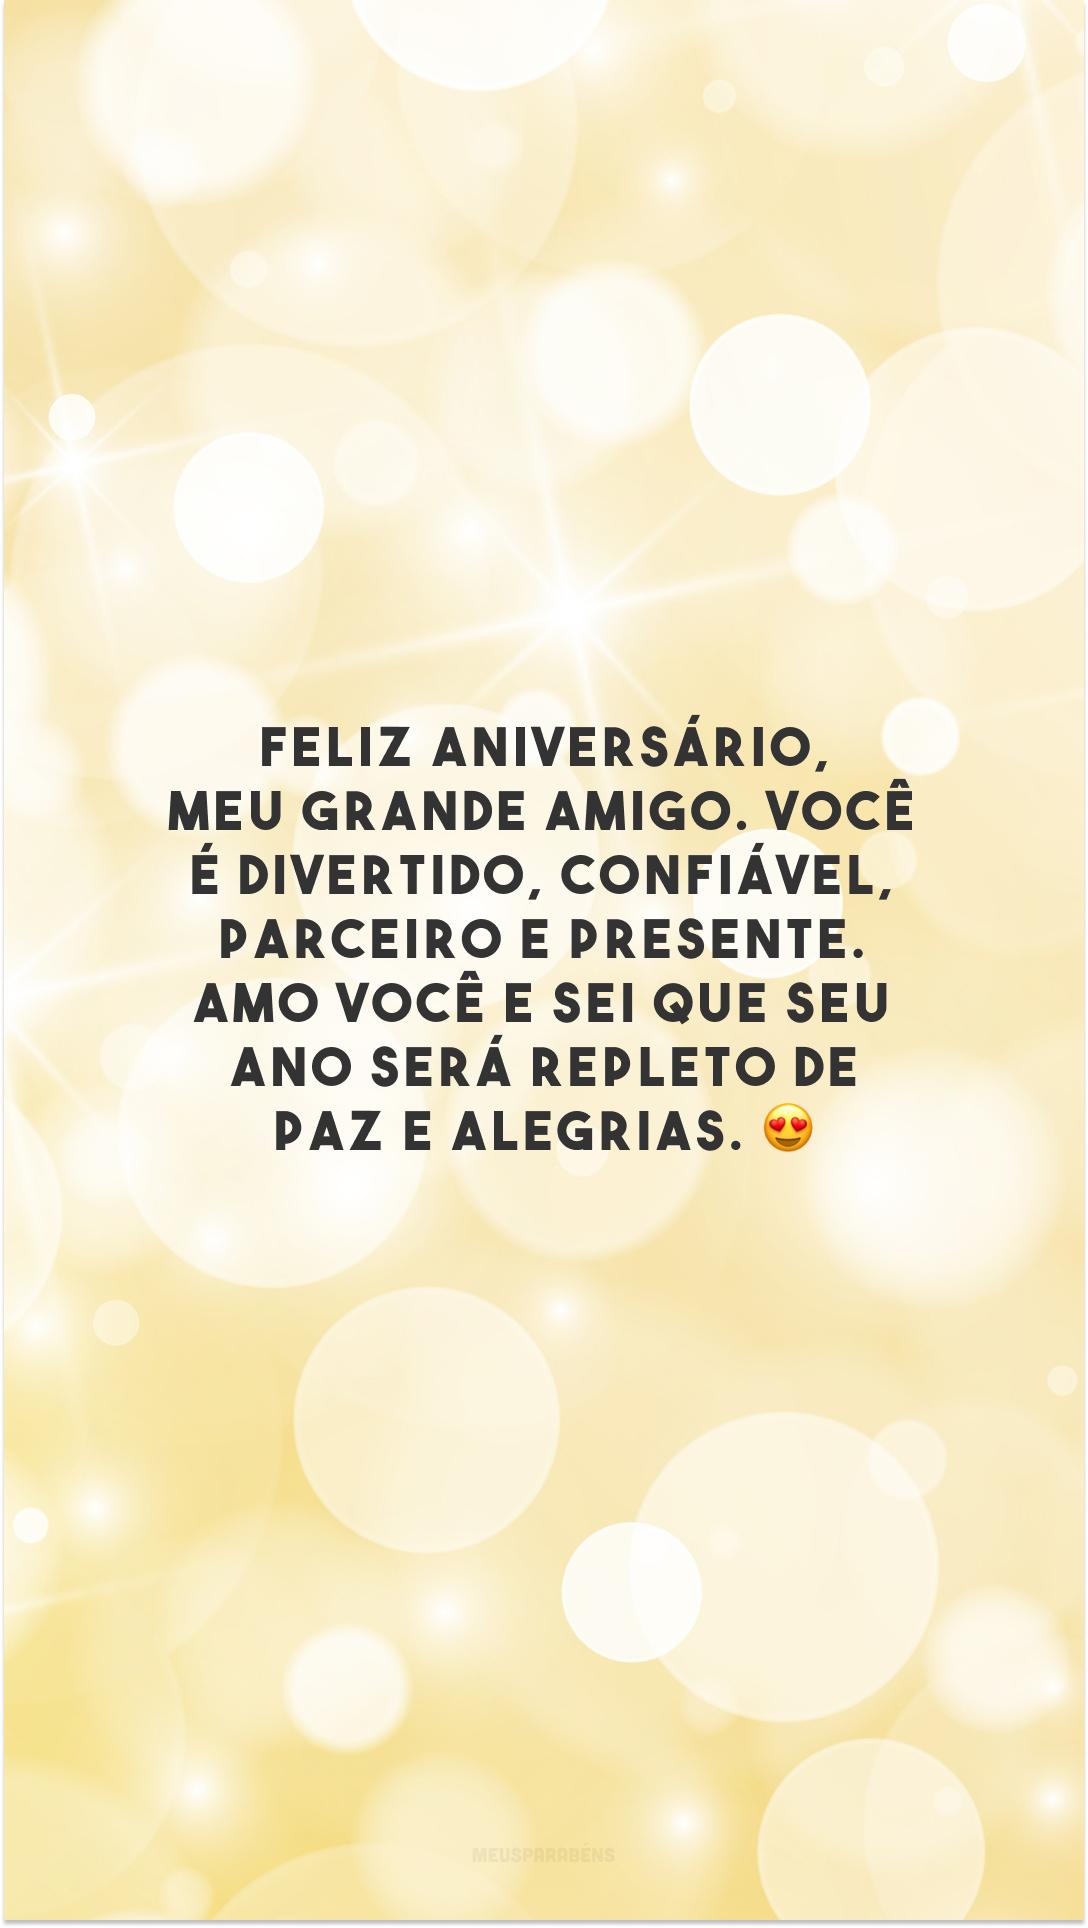 Feliz aniversário, meu grande amigo. Você é divertido, confiável, parceiro e presente. Amo você e sei que seu ano será repleto de paz e alegrias. 😍